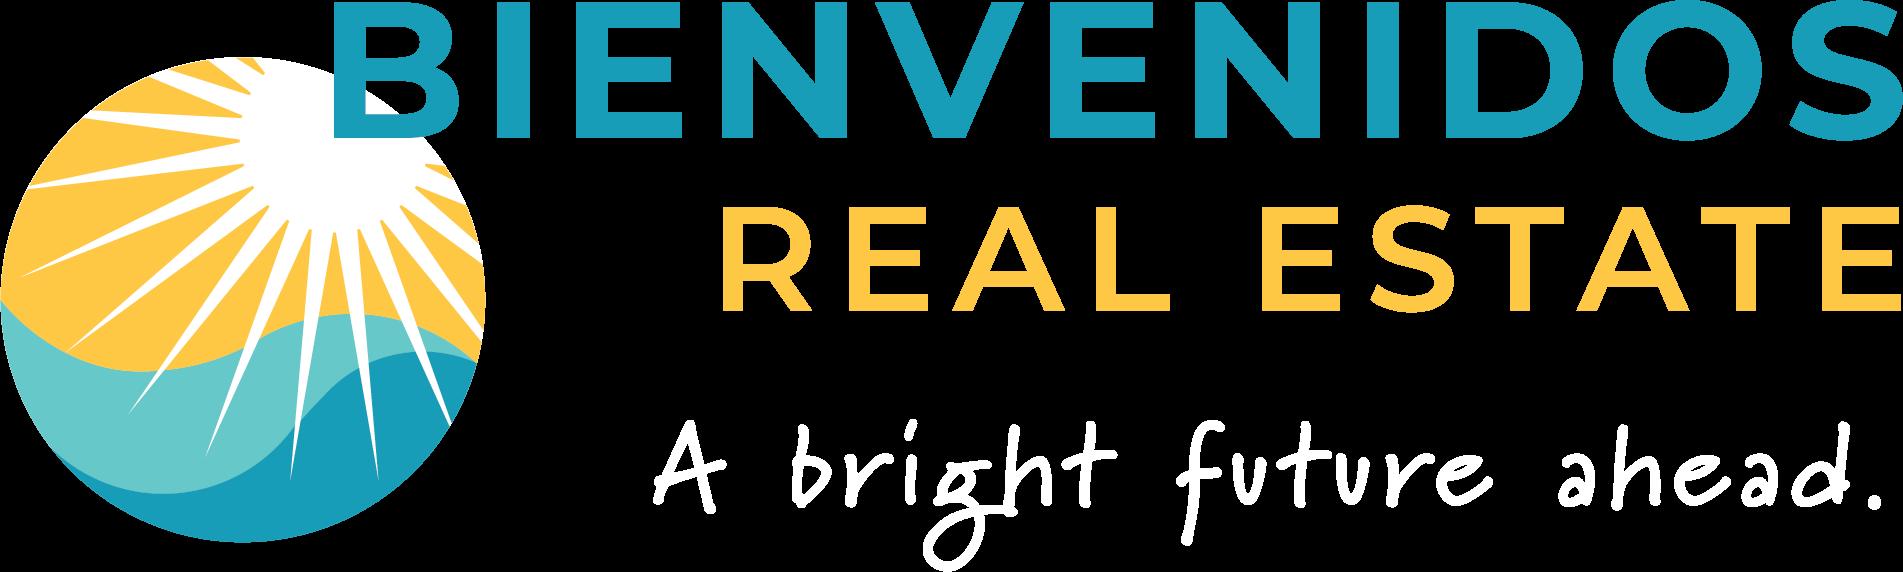 Bienvenidos Real Estate